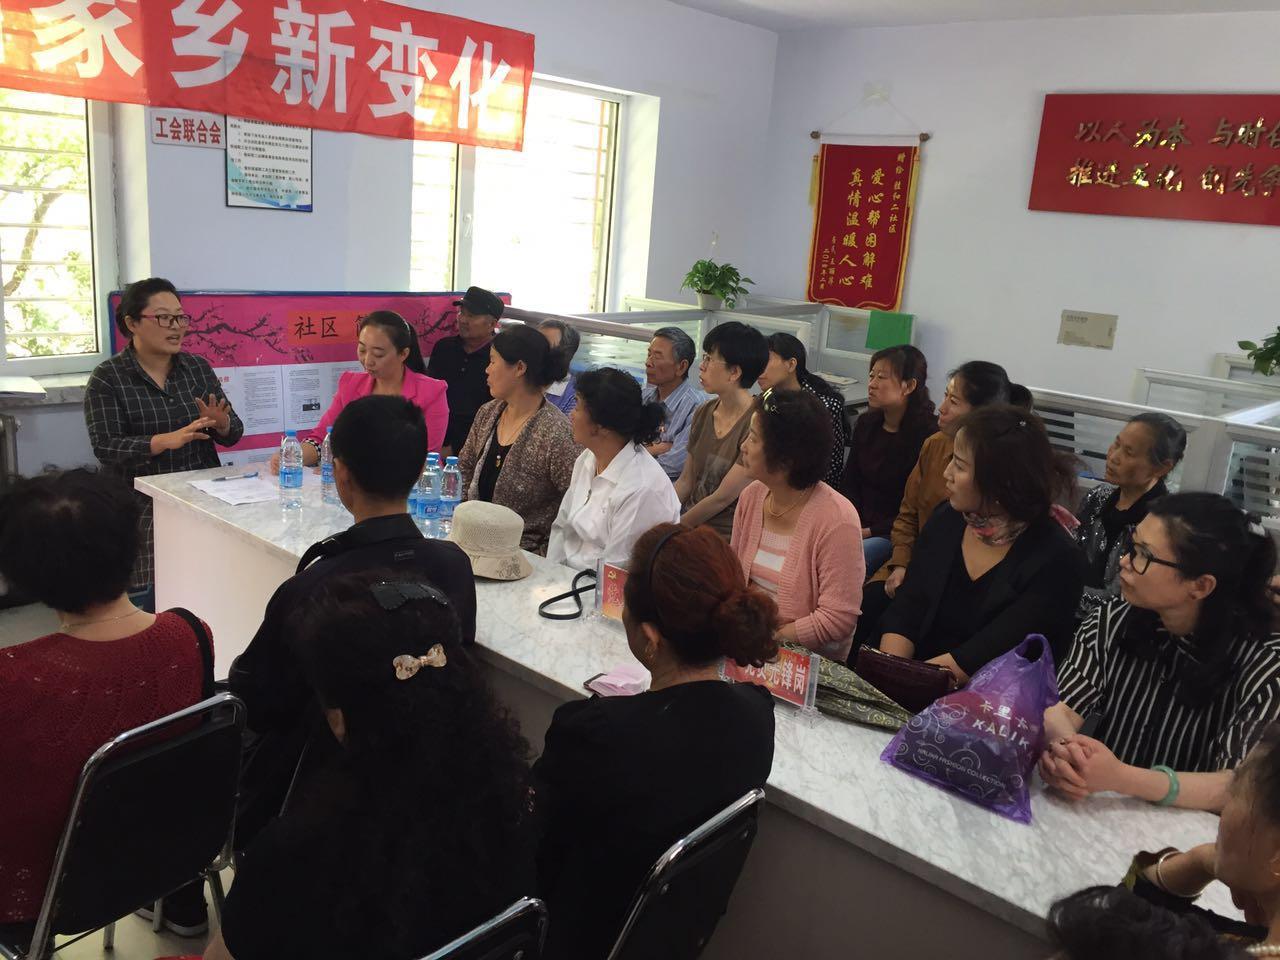 锦州市社区科普大学普法教育进社区